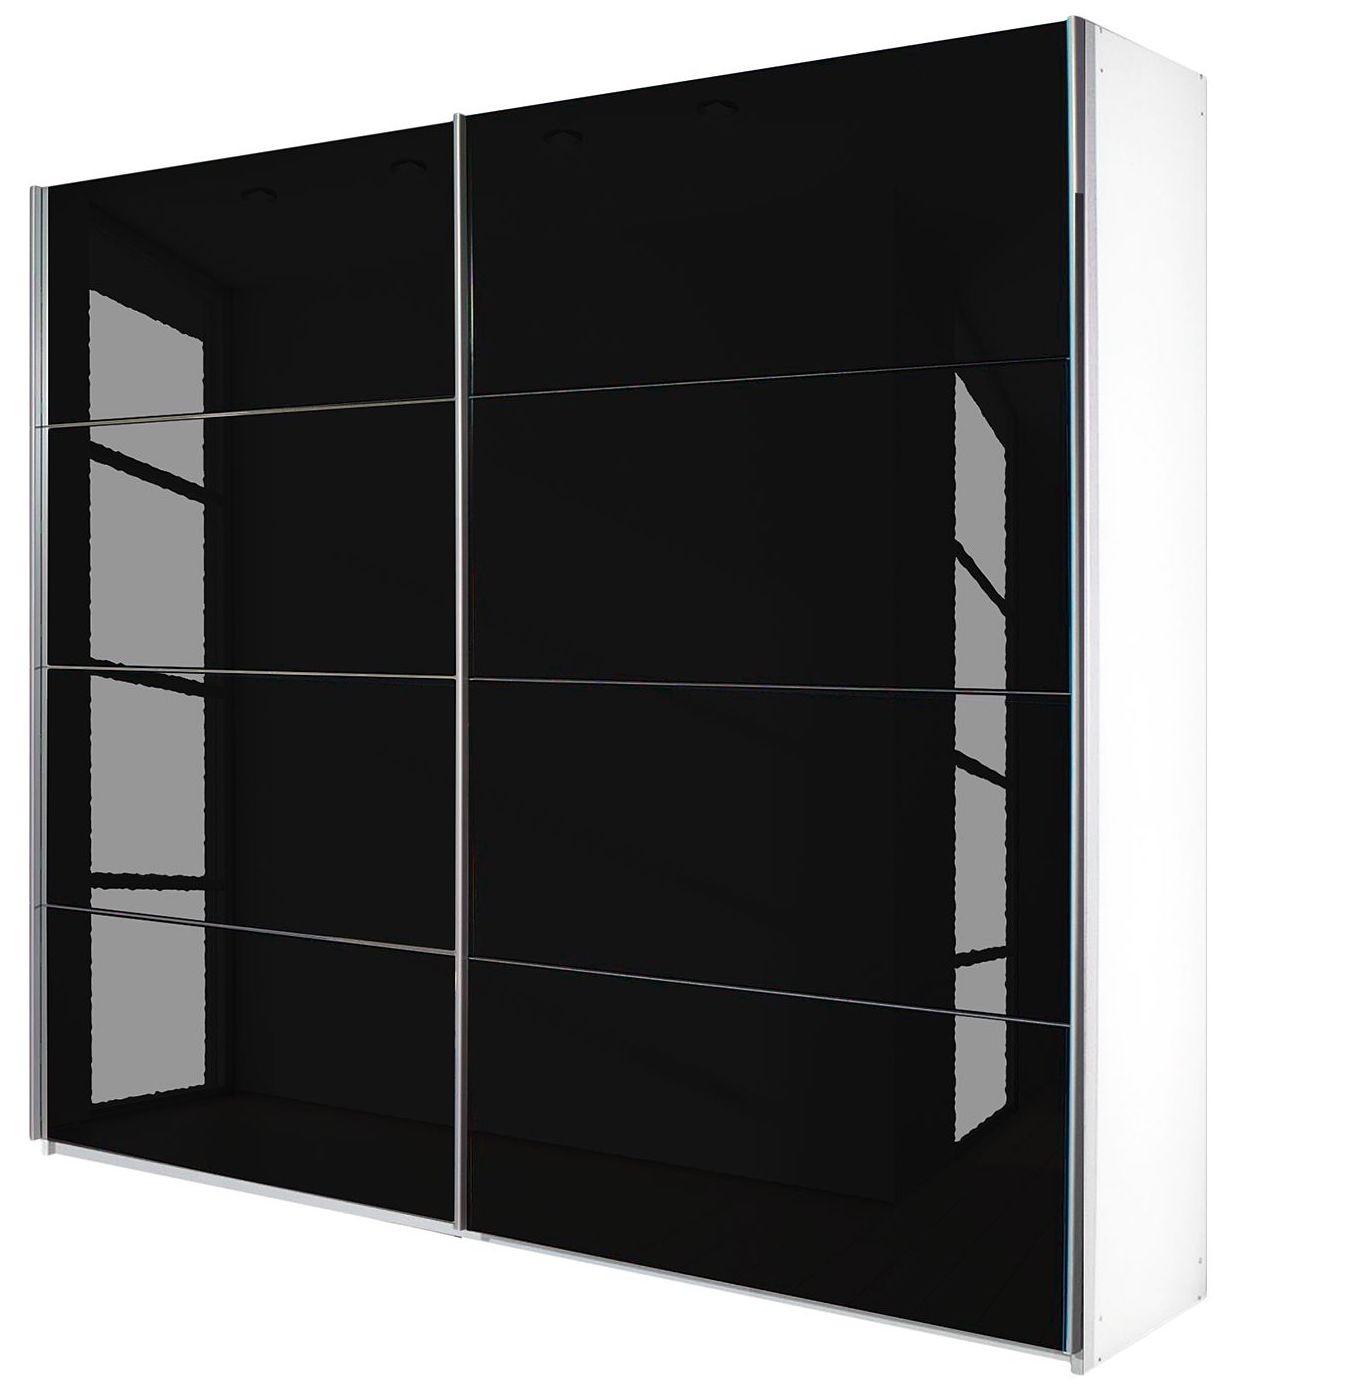 Armoire design 2 portes coulissantes verre teint noir luxia mod le l 181 cm h 210 cm - Armoire coulissante noir ...